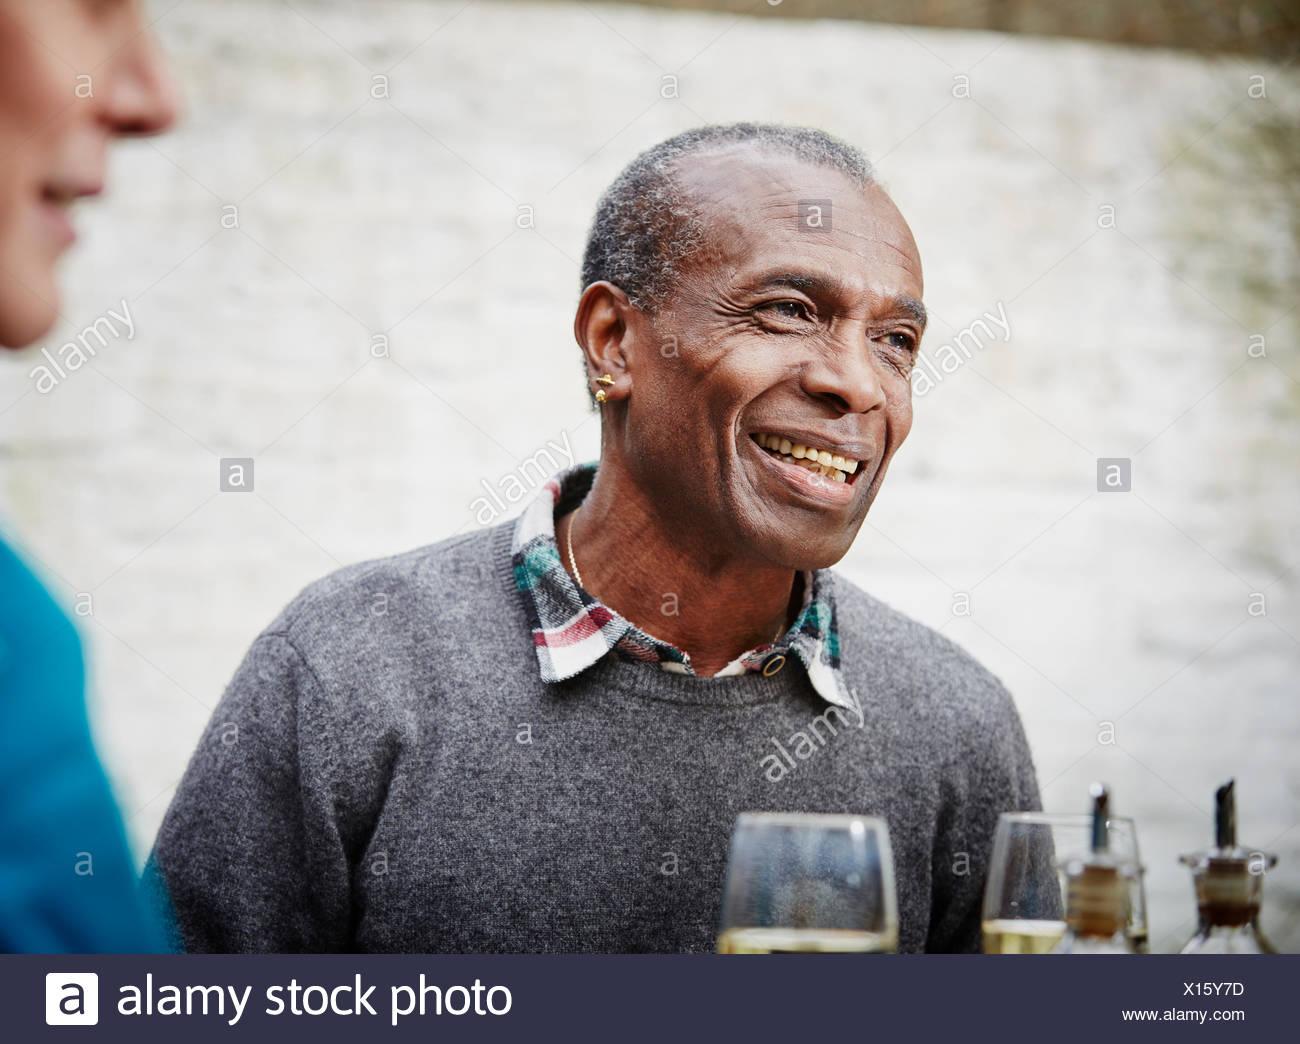 Senior uomo sorridente, ritratto Immagini Stock